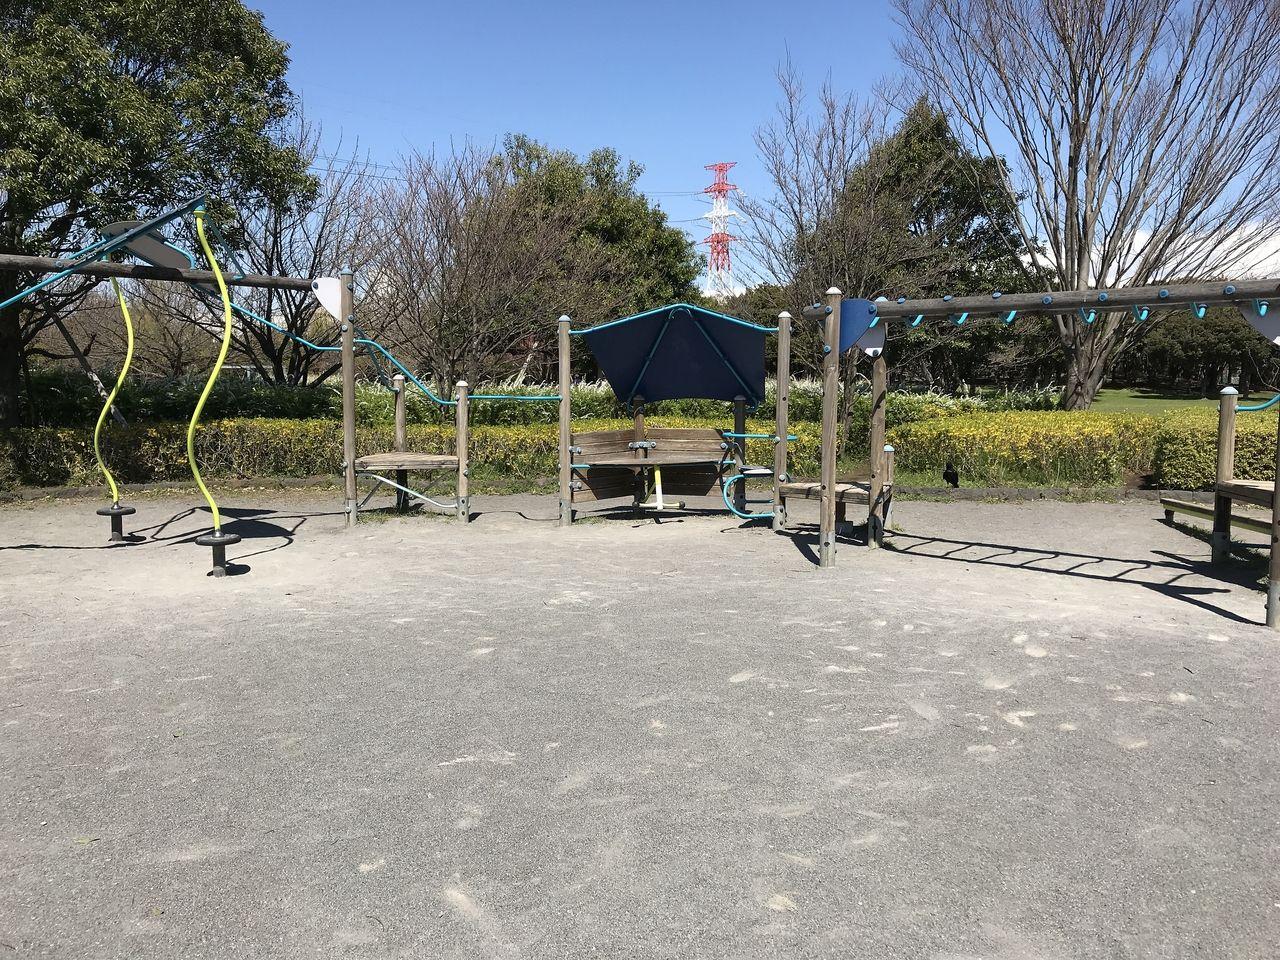 行徳の「福栄スポーツ広場」のいこいの広場